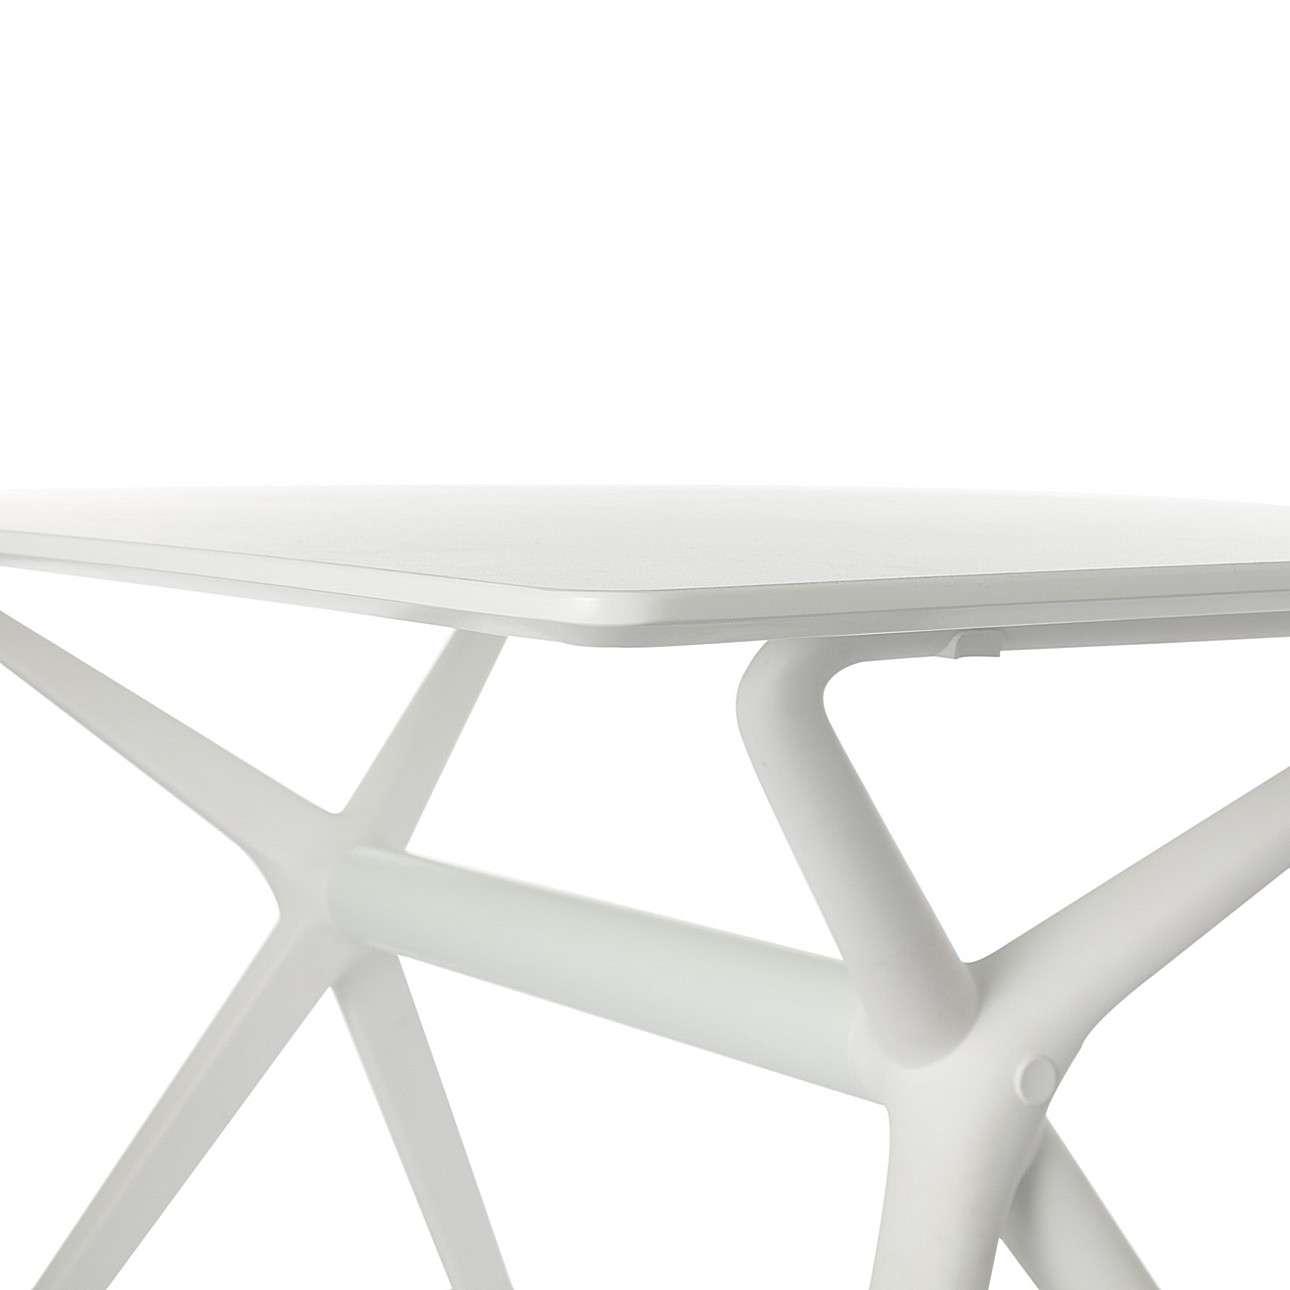 Tisch Modesto 120x80x73cm white